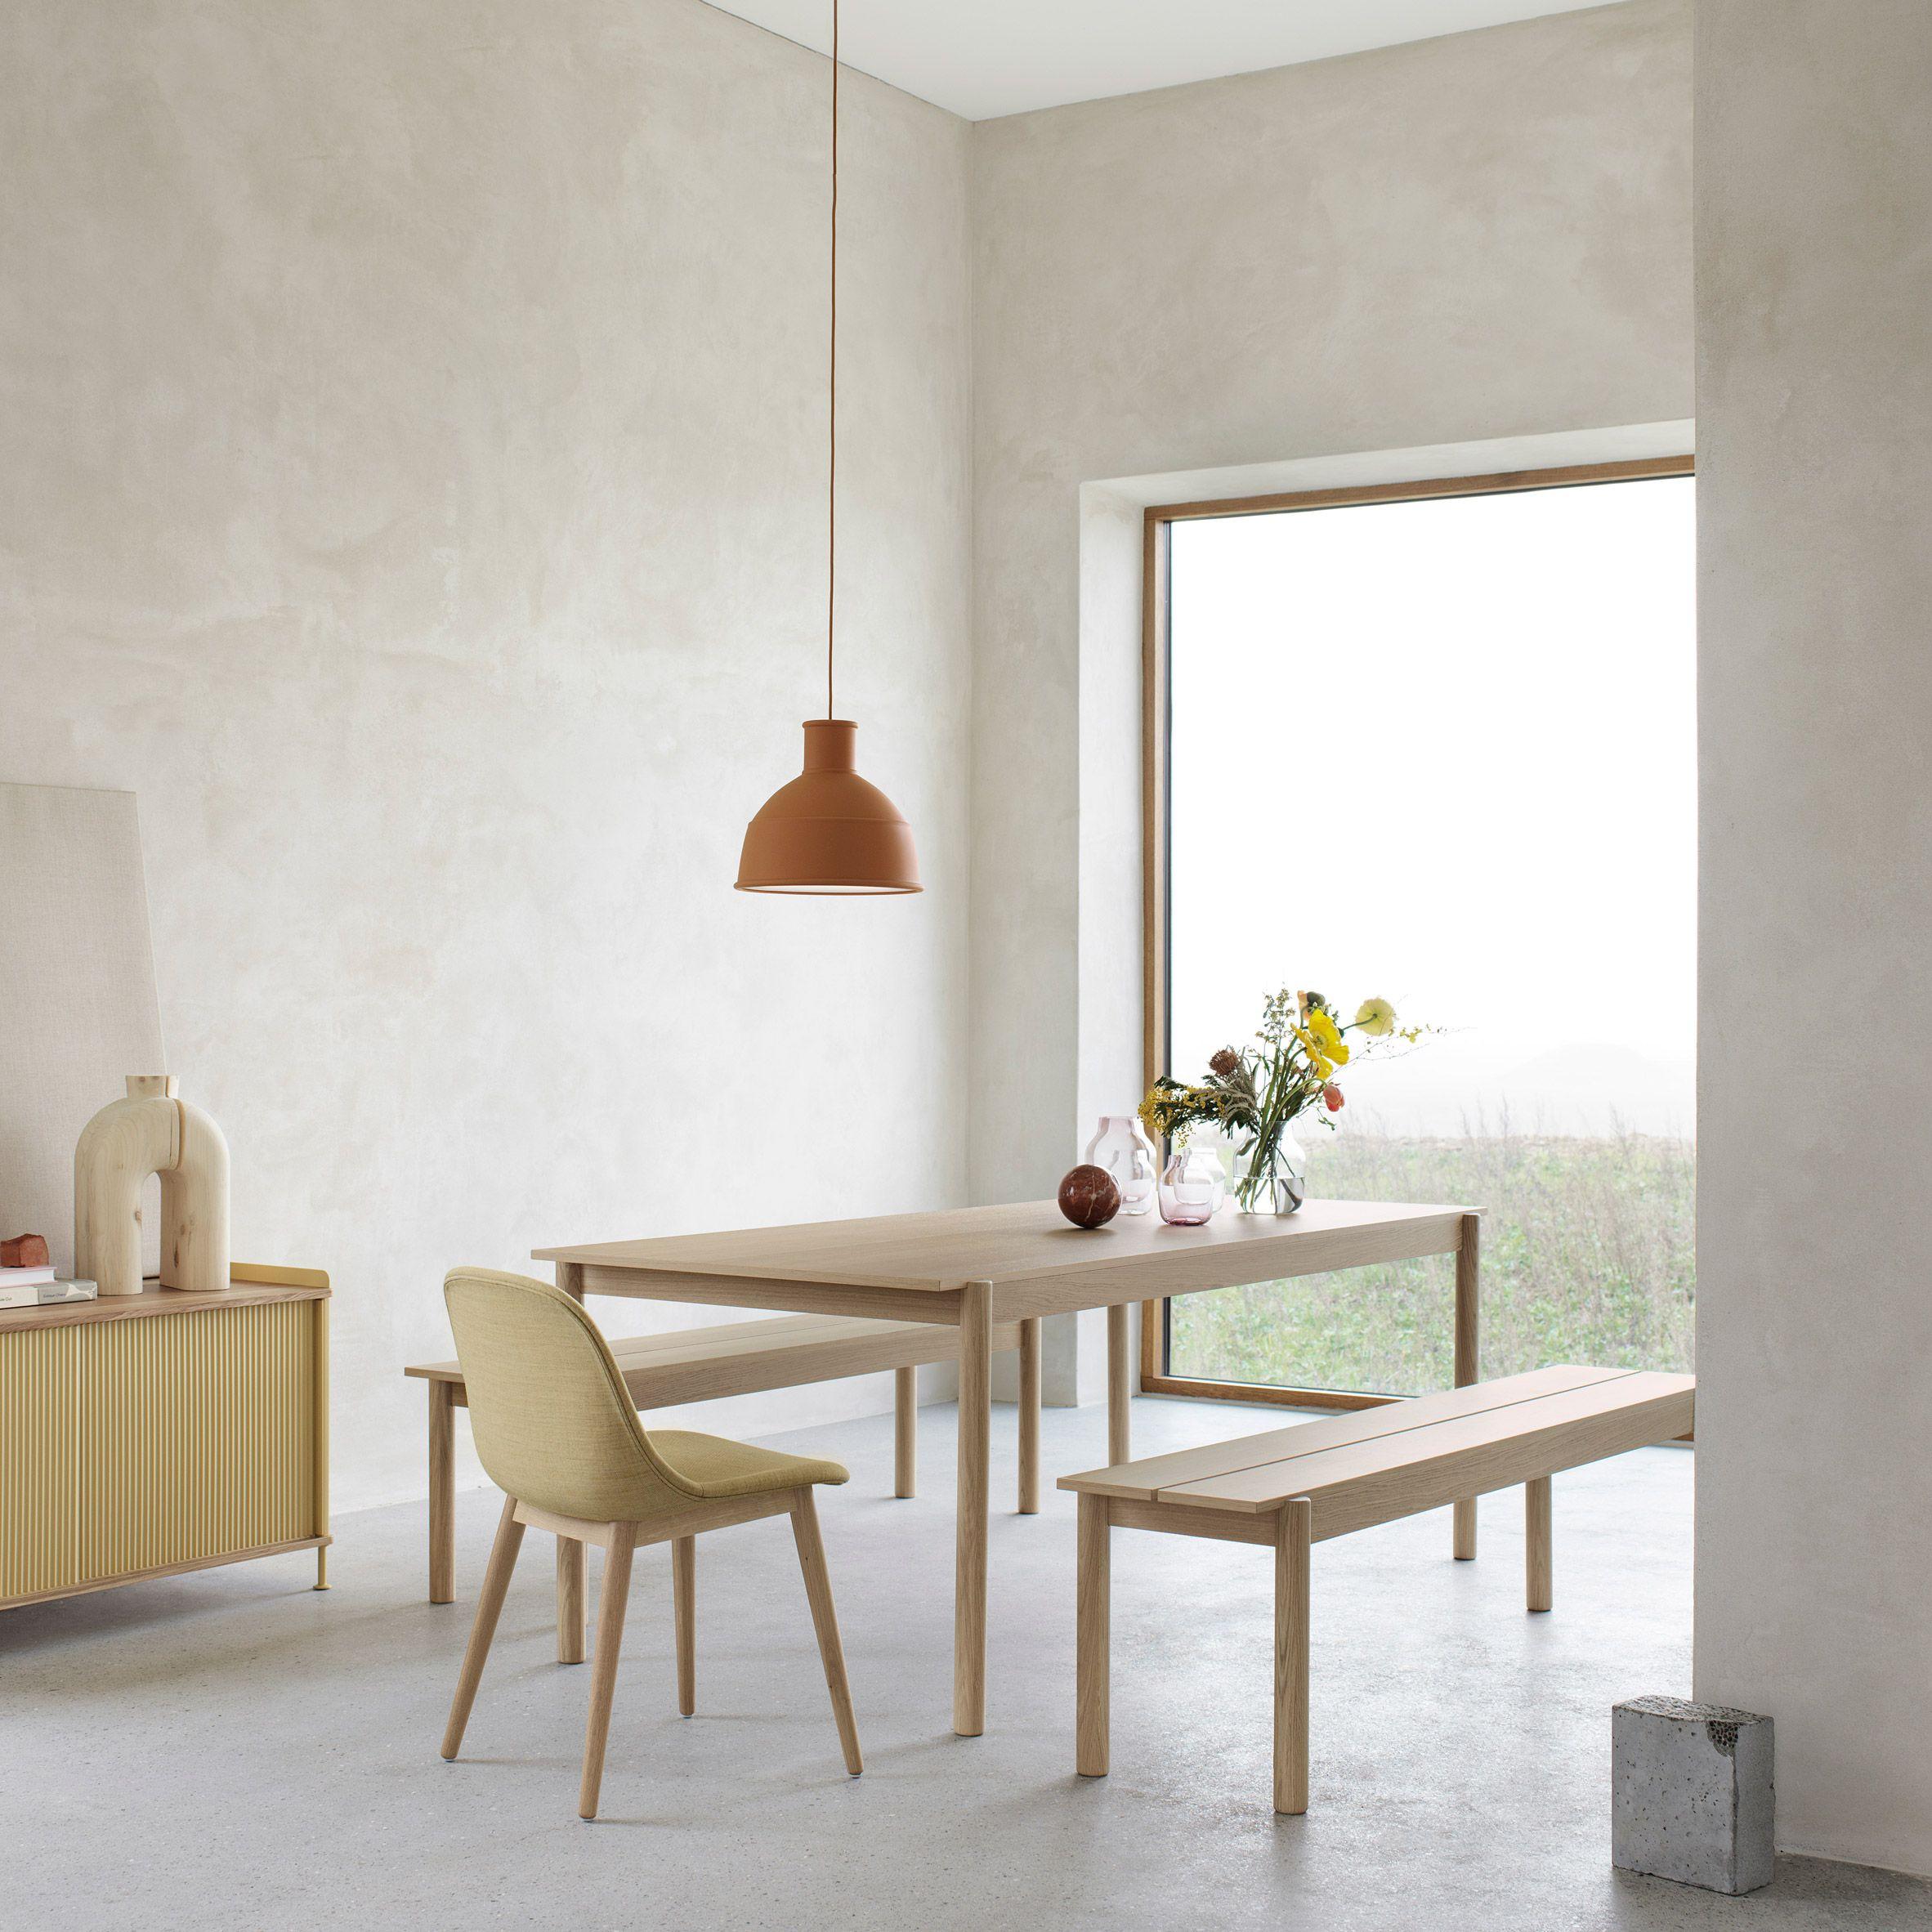 Thomas Bentzen Brings Garden Furniture Indoors With Linear Wood